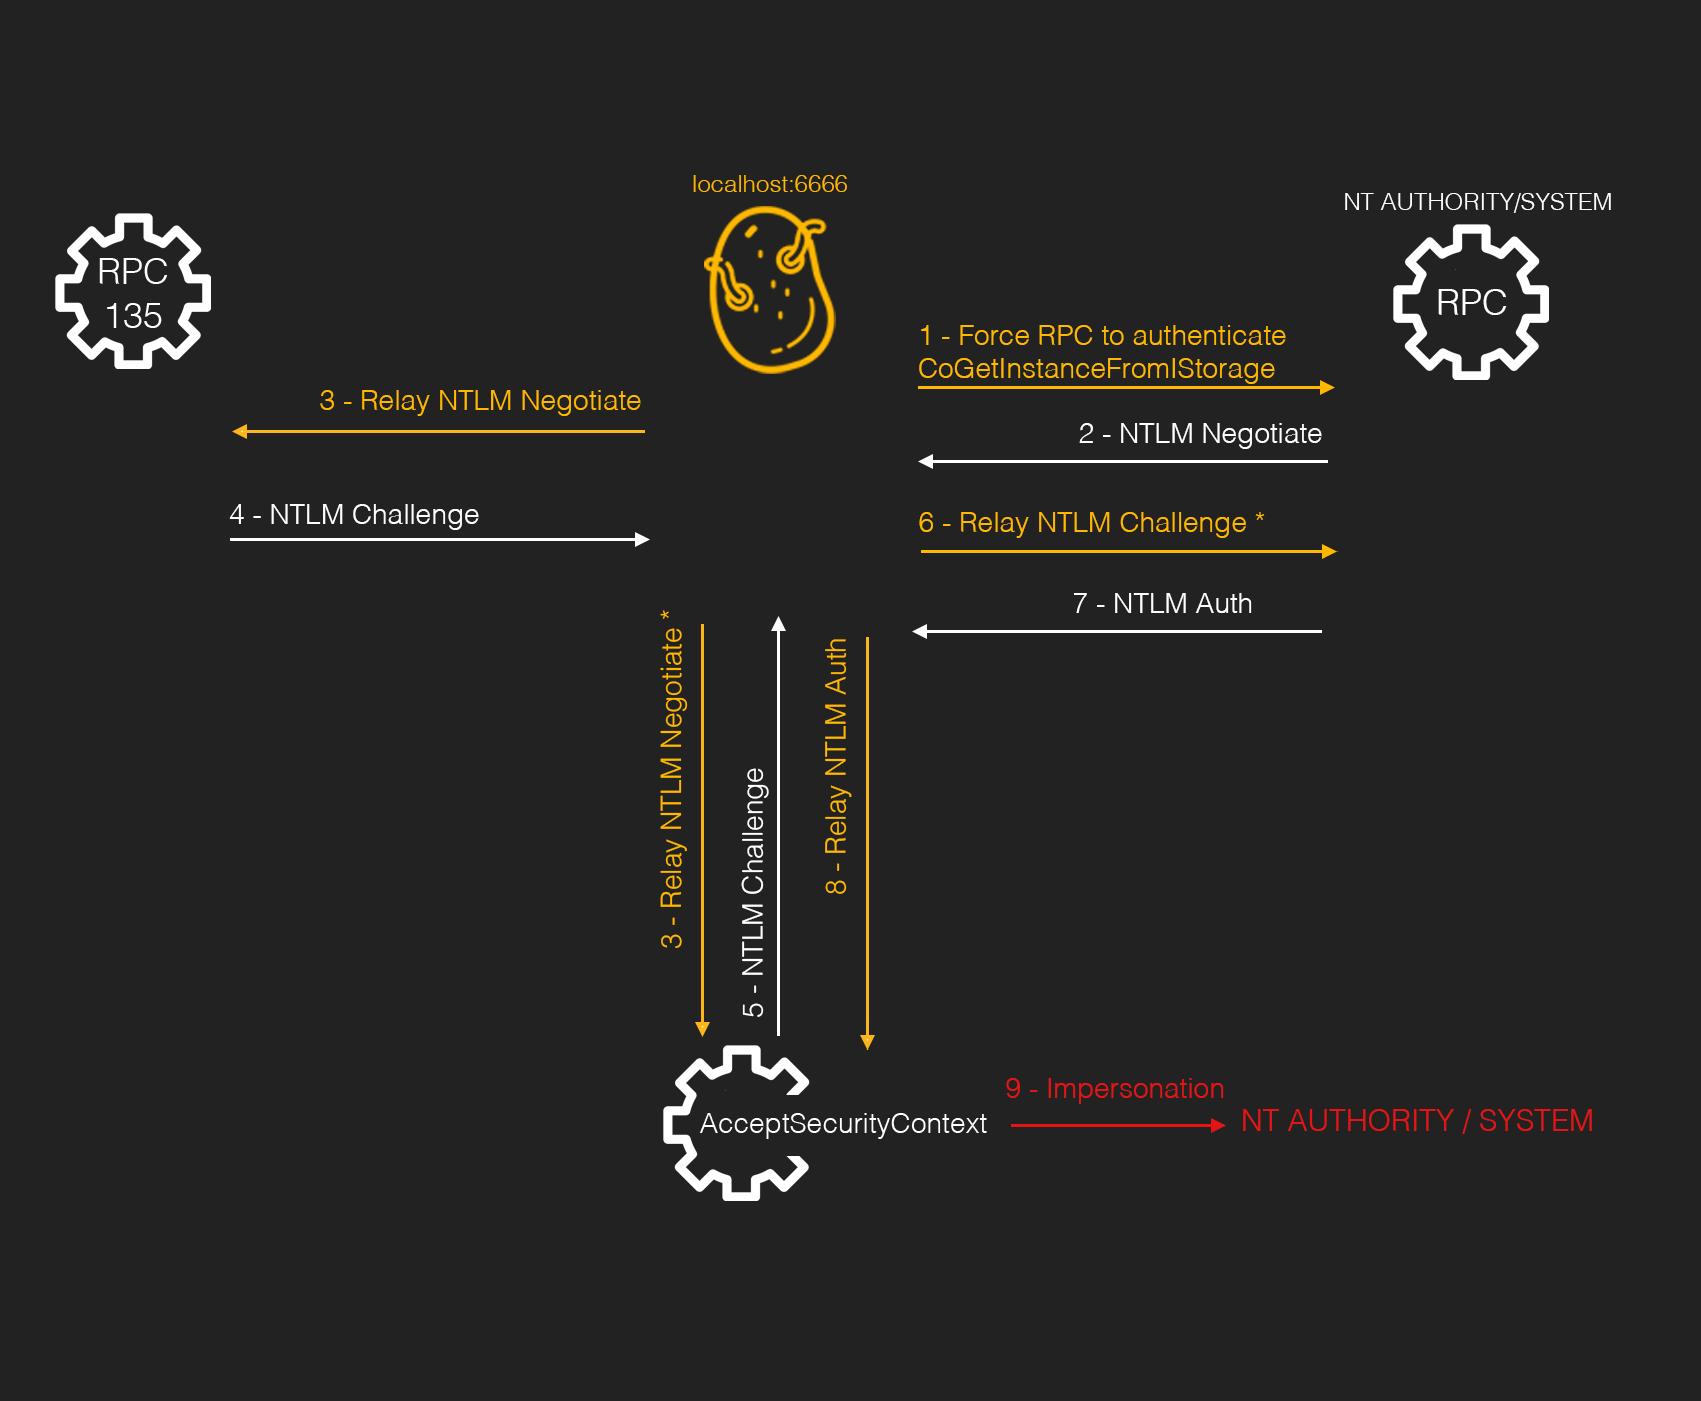 Image Diagram 2